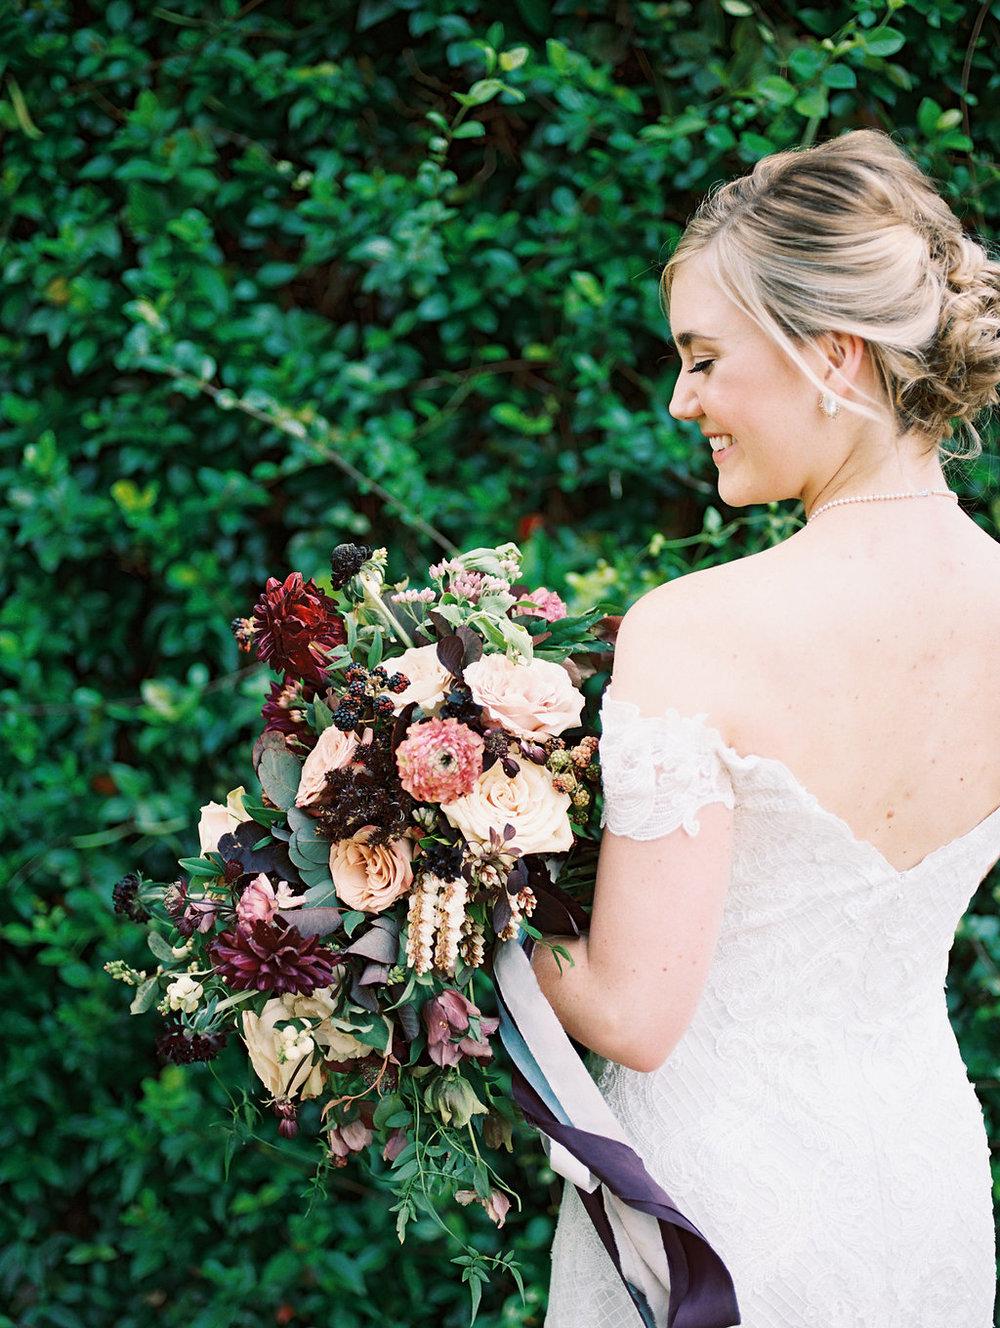 Best Wedding Flowers in Dallas - Wedfully Yours